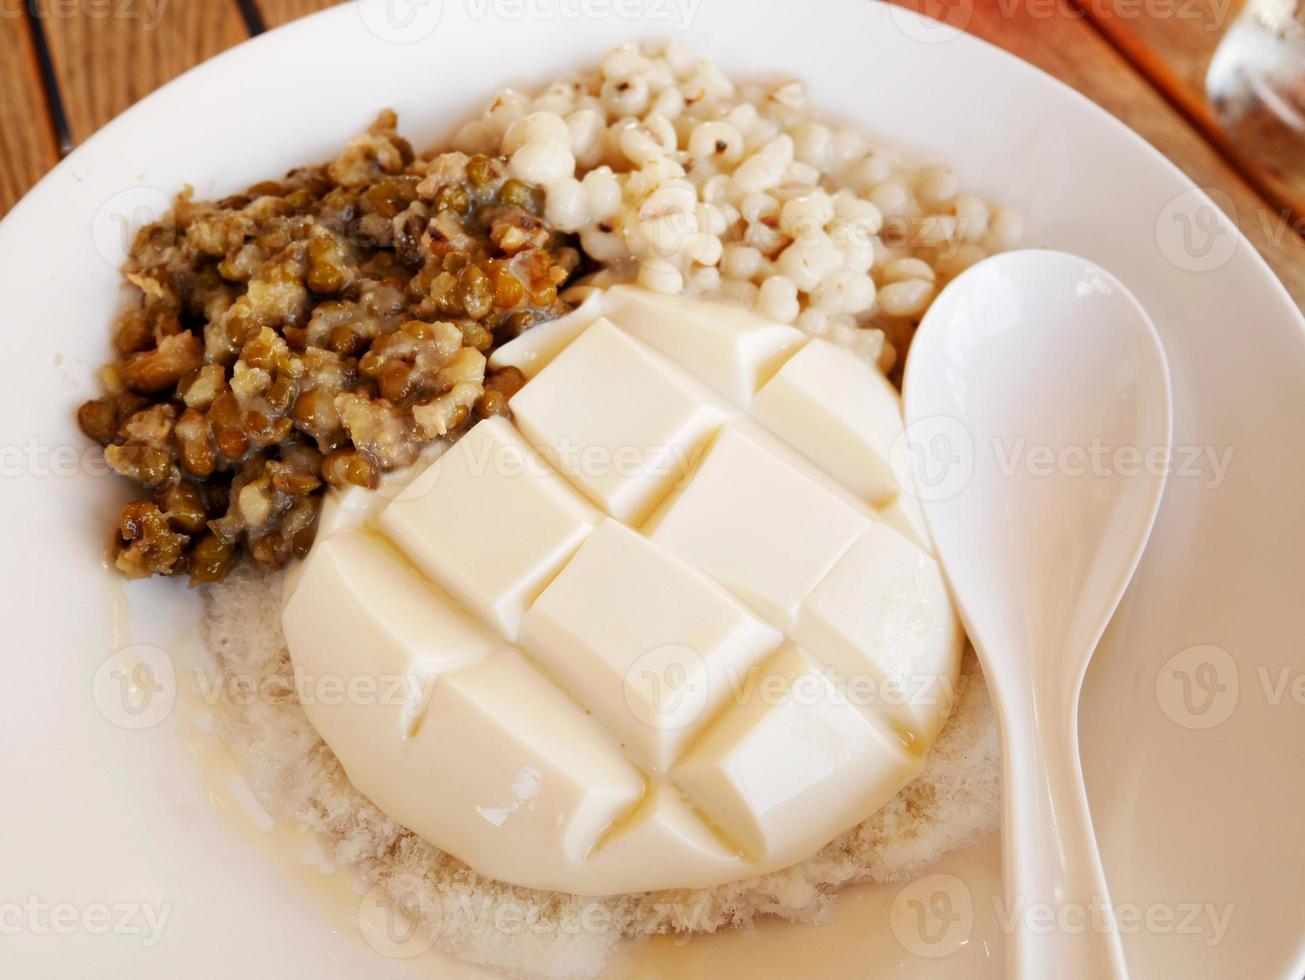 Tofupudding mit grünen Bohnen und Jobstränen foto